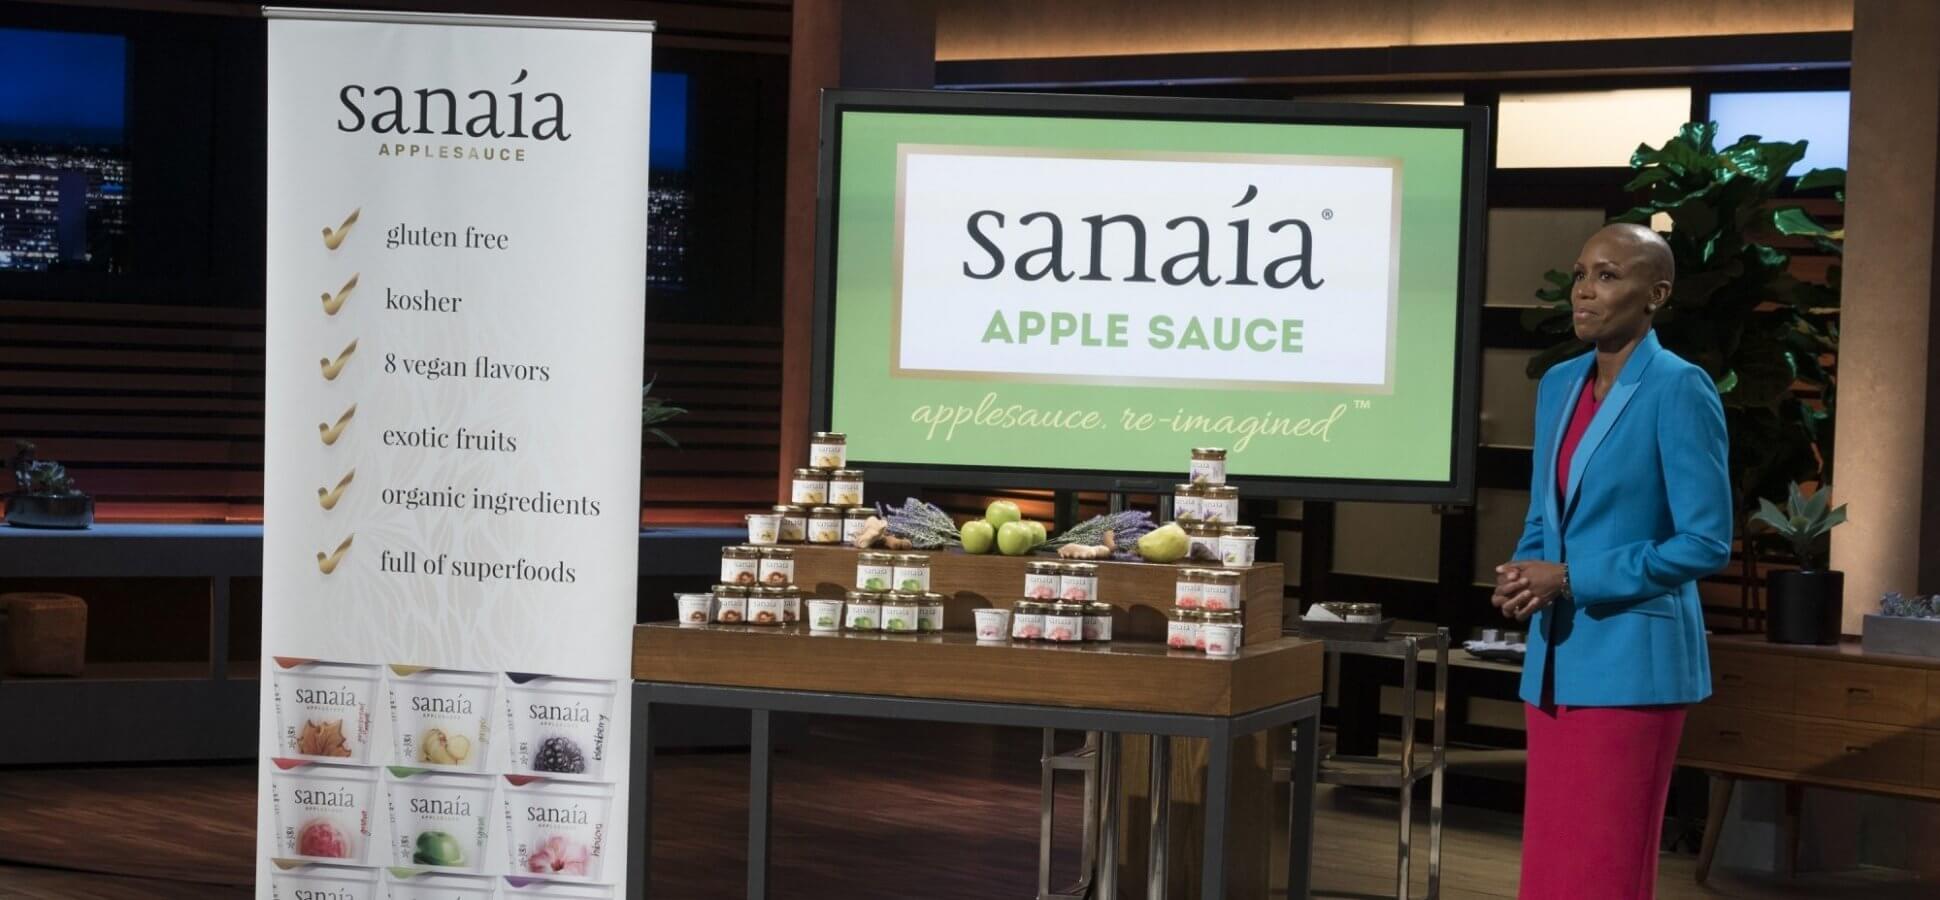 sanaia-apple-sauce